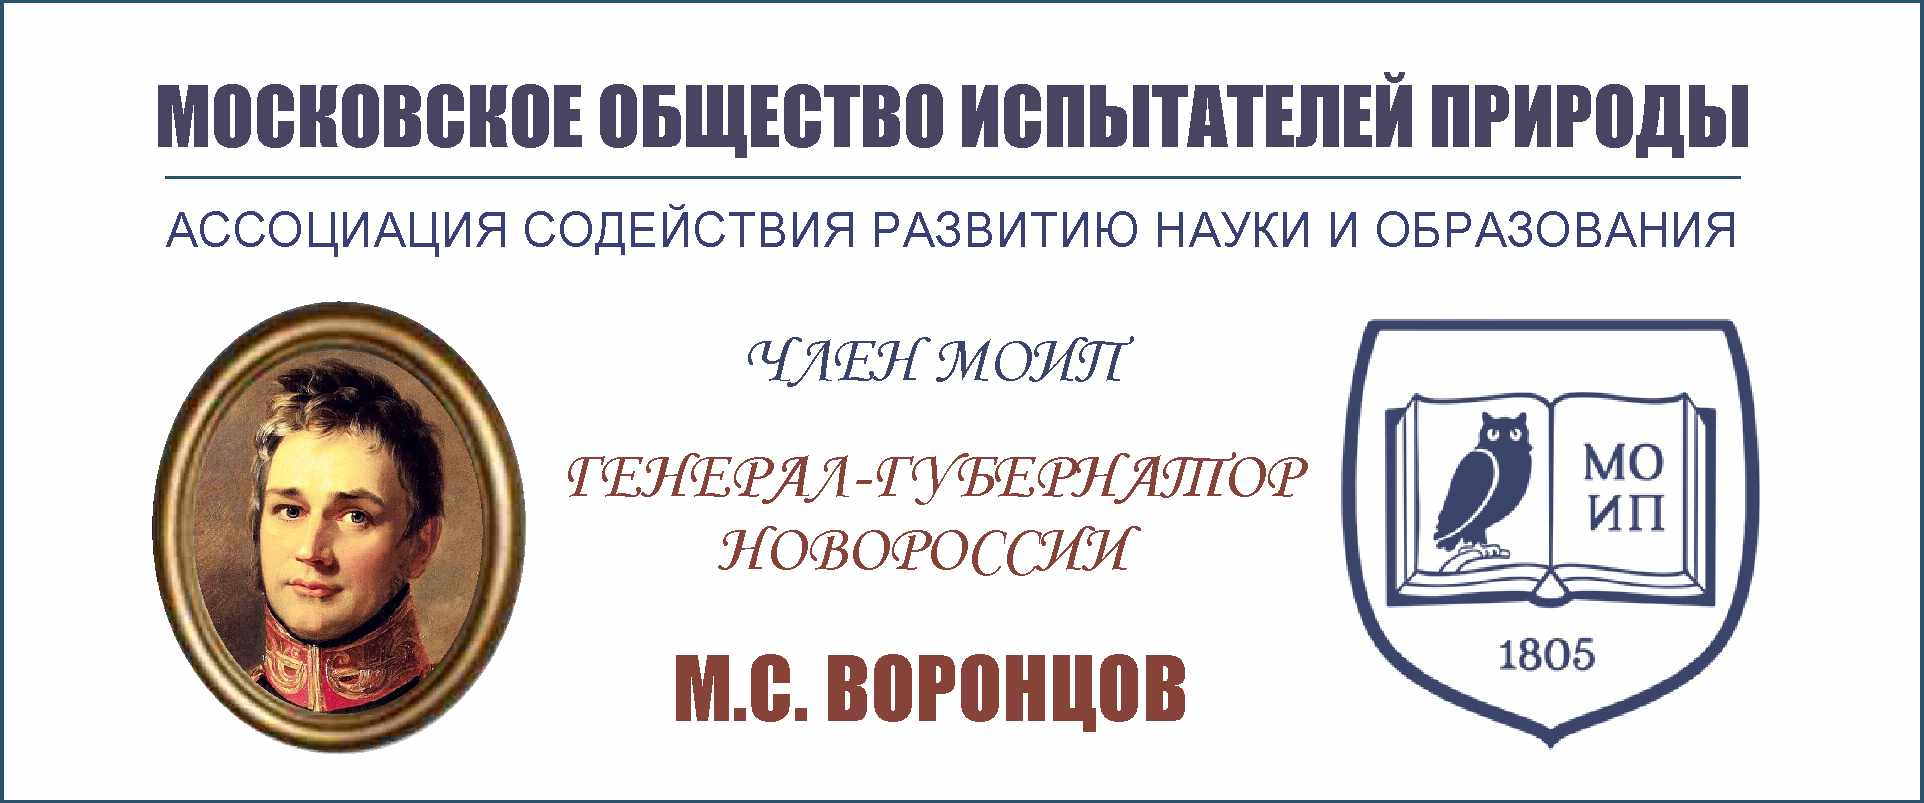 ГЕНЕРАЛ-ГУБЕРНАТОР НОВОРОССИИ М.С. ВОРОНЦОВ – член МОИП